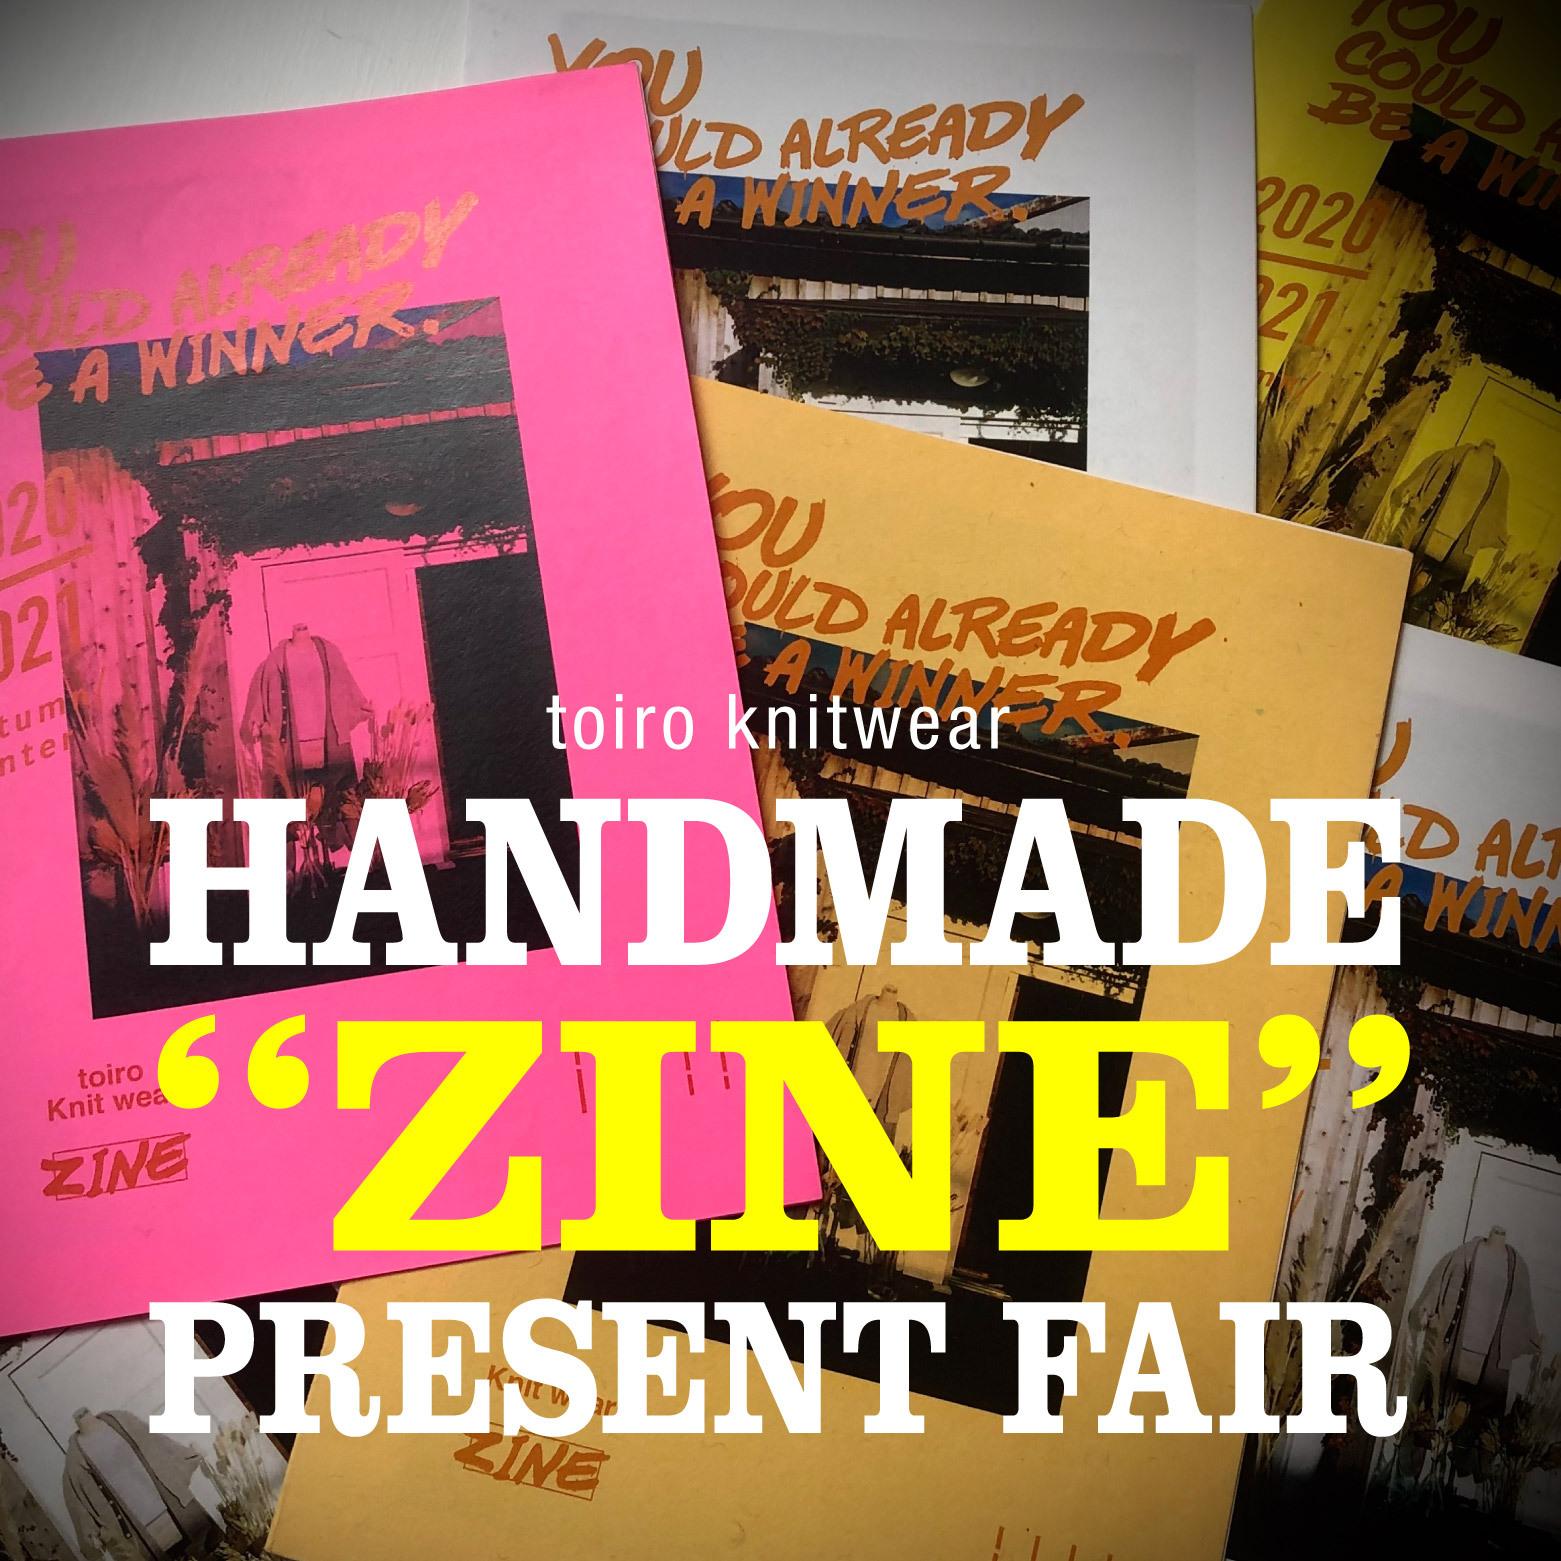 今、ご購入いただいた方、全員に「ZINE」をプレゼント